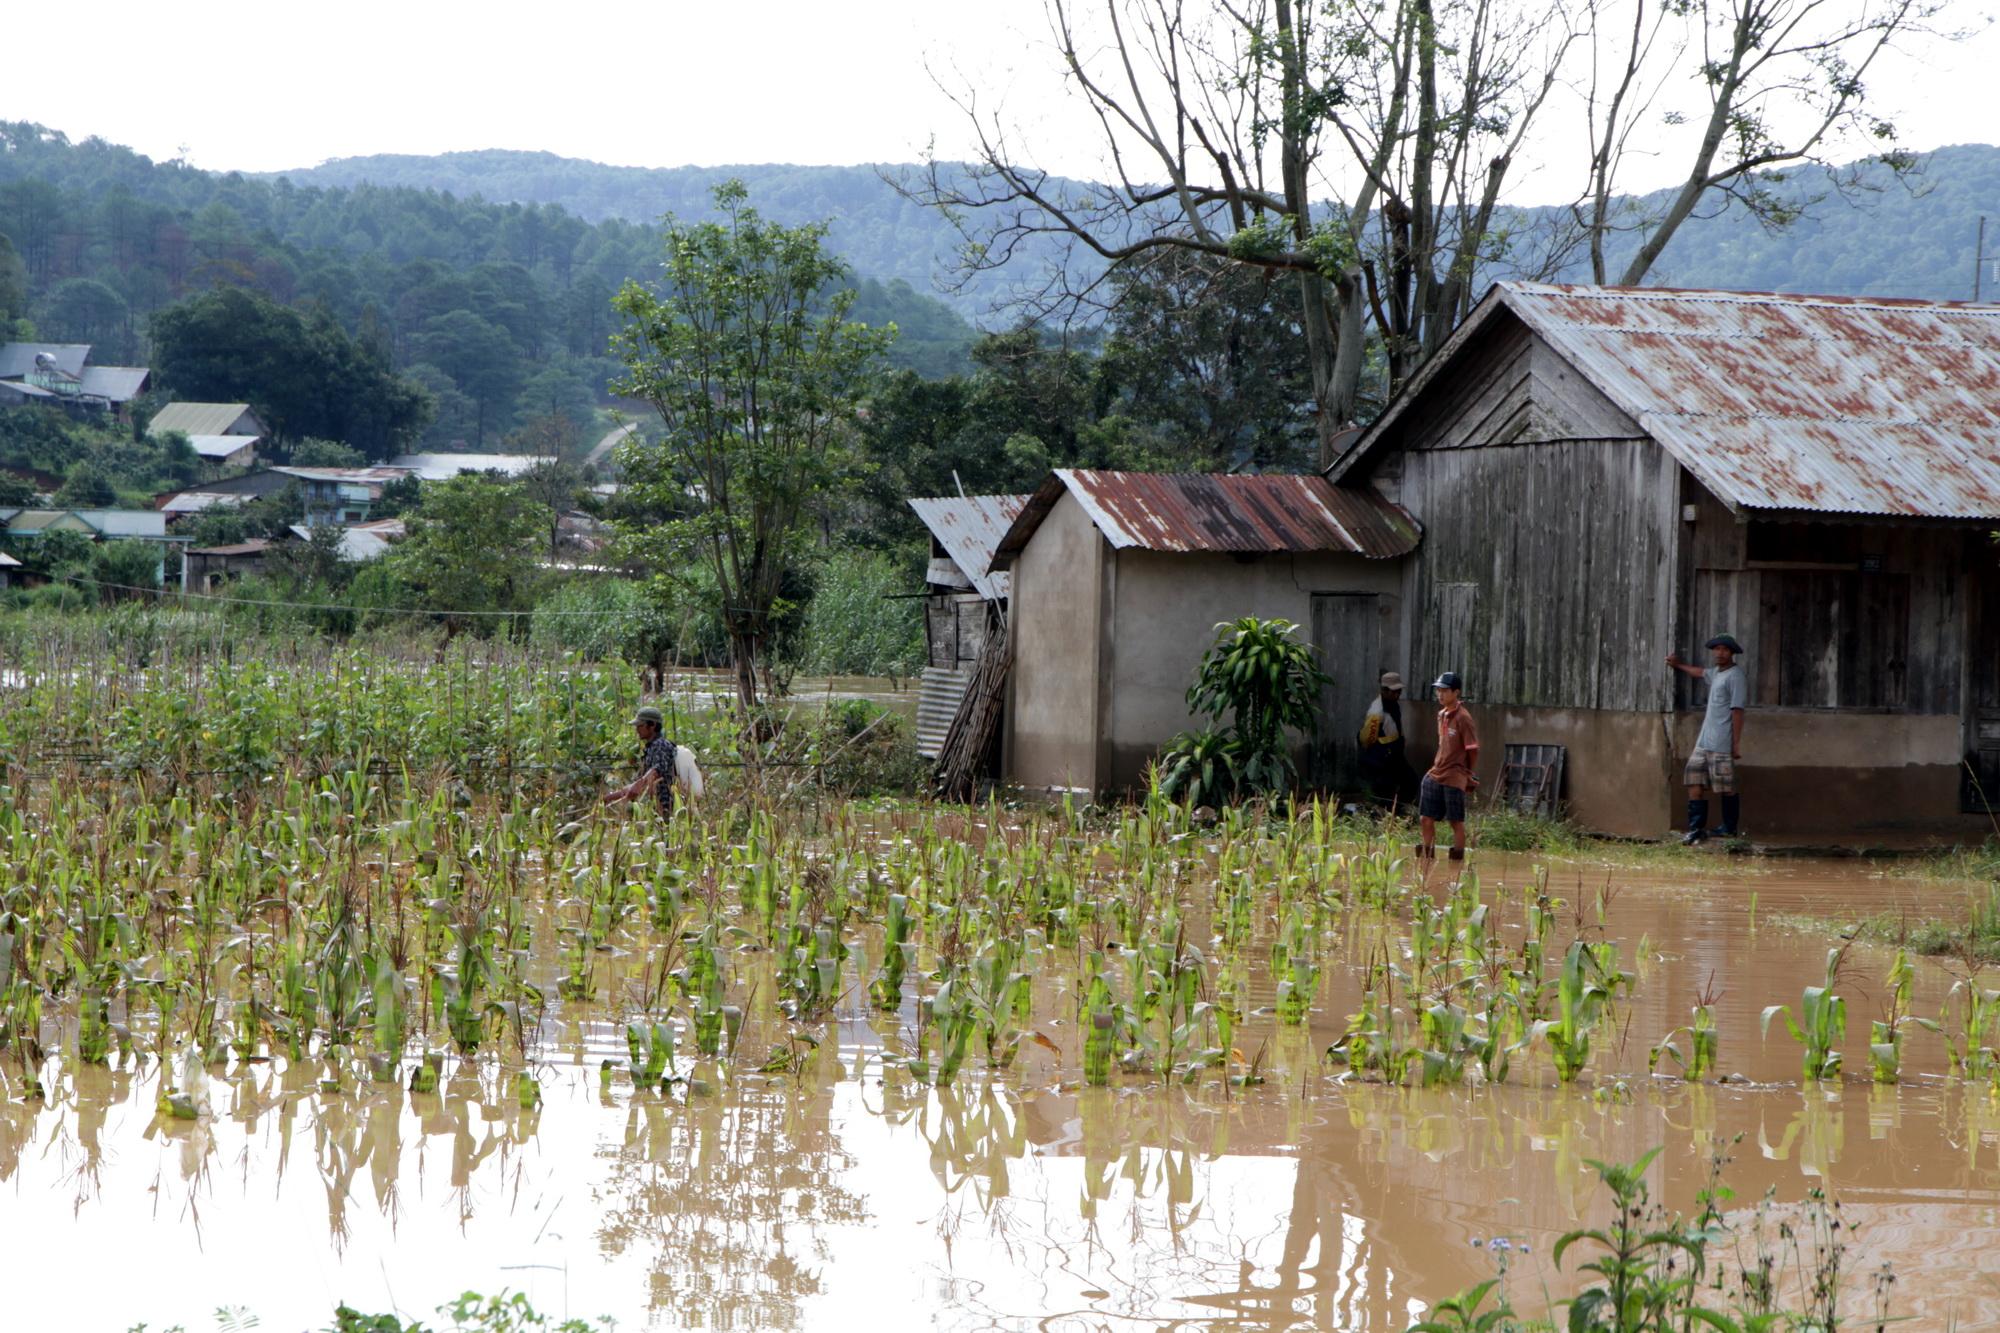 Bắp đang chờ thu hoạch cũng bị nước lũ nhấn chìm